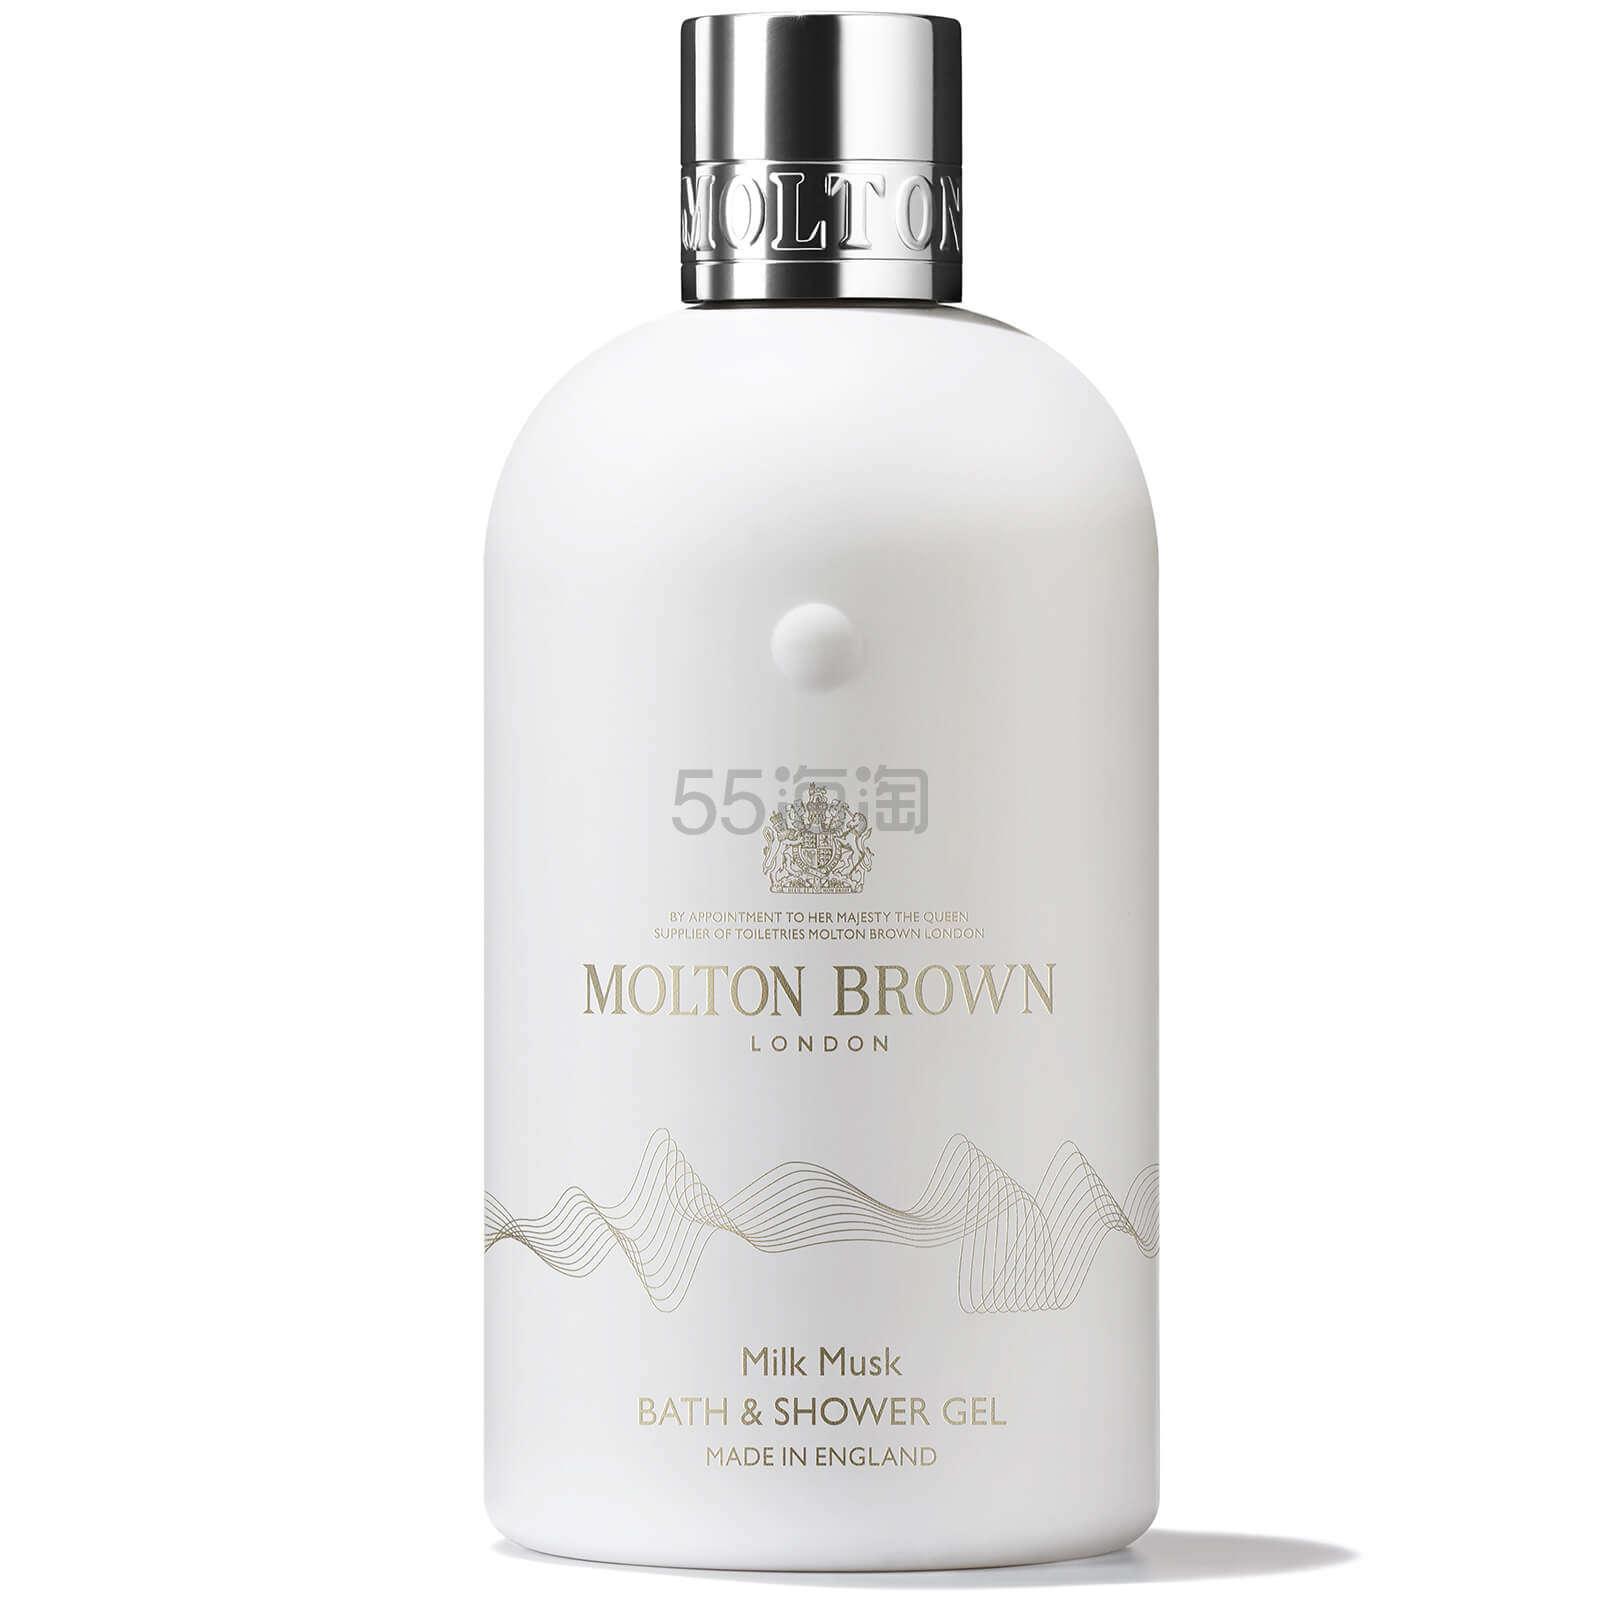 【满£60最高享8折】Molton Brown 牛奶麝香沐浴露 300ml